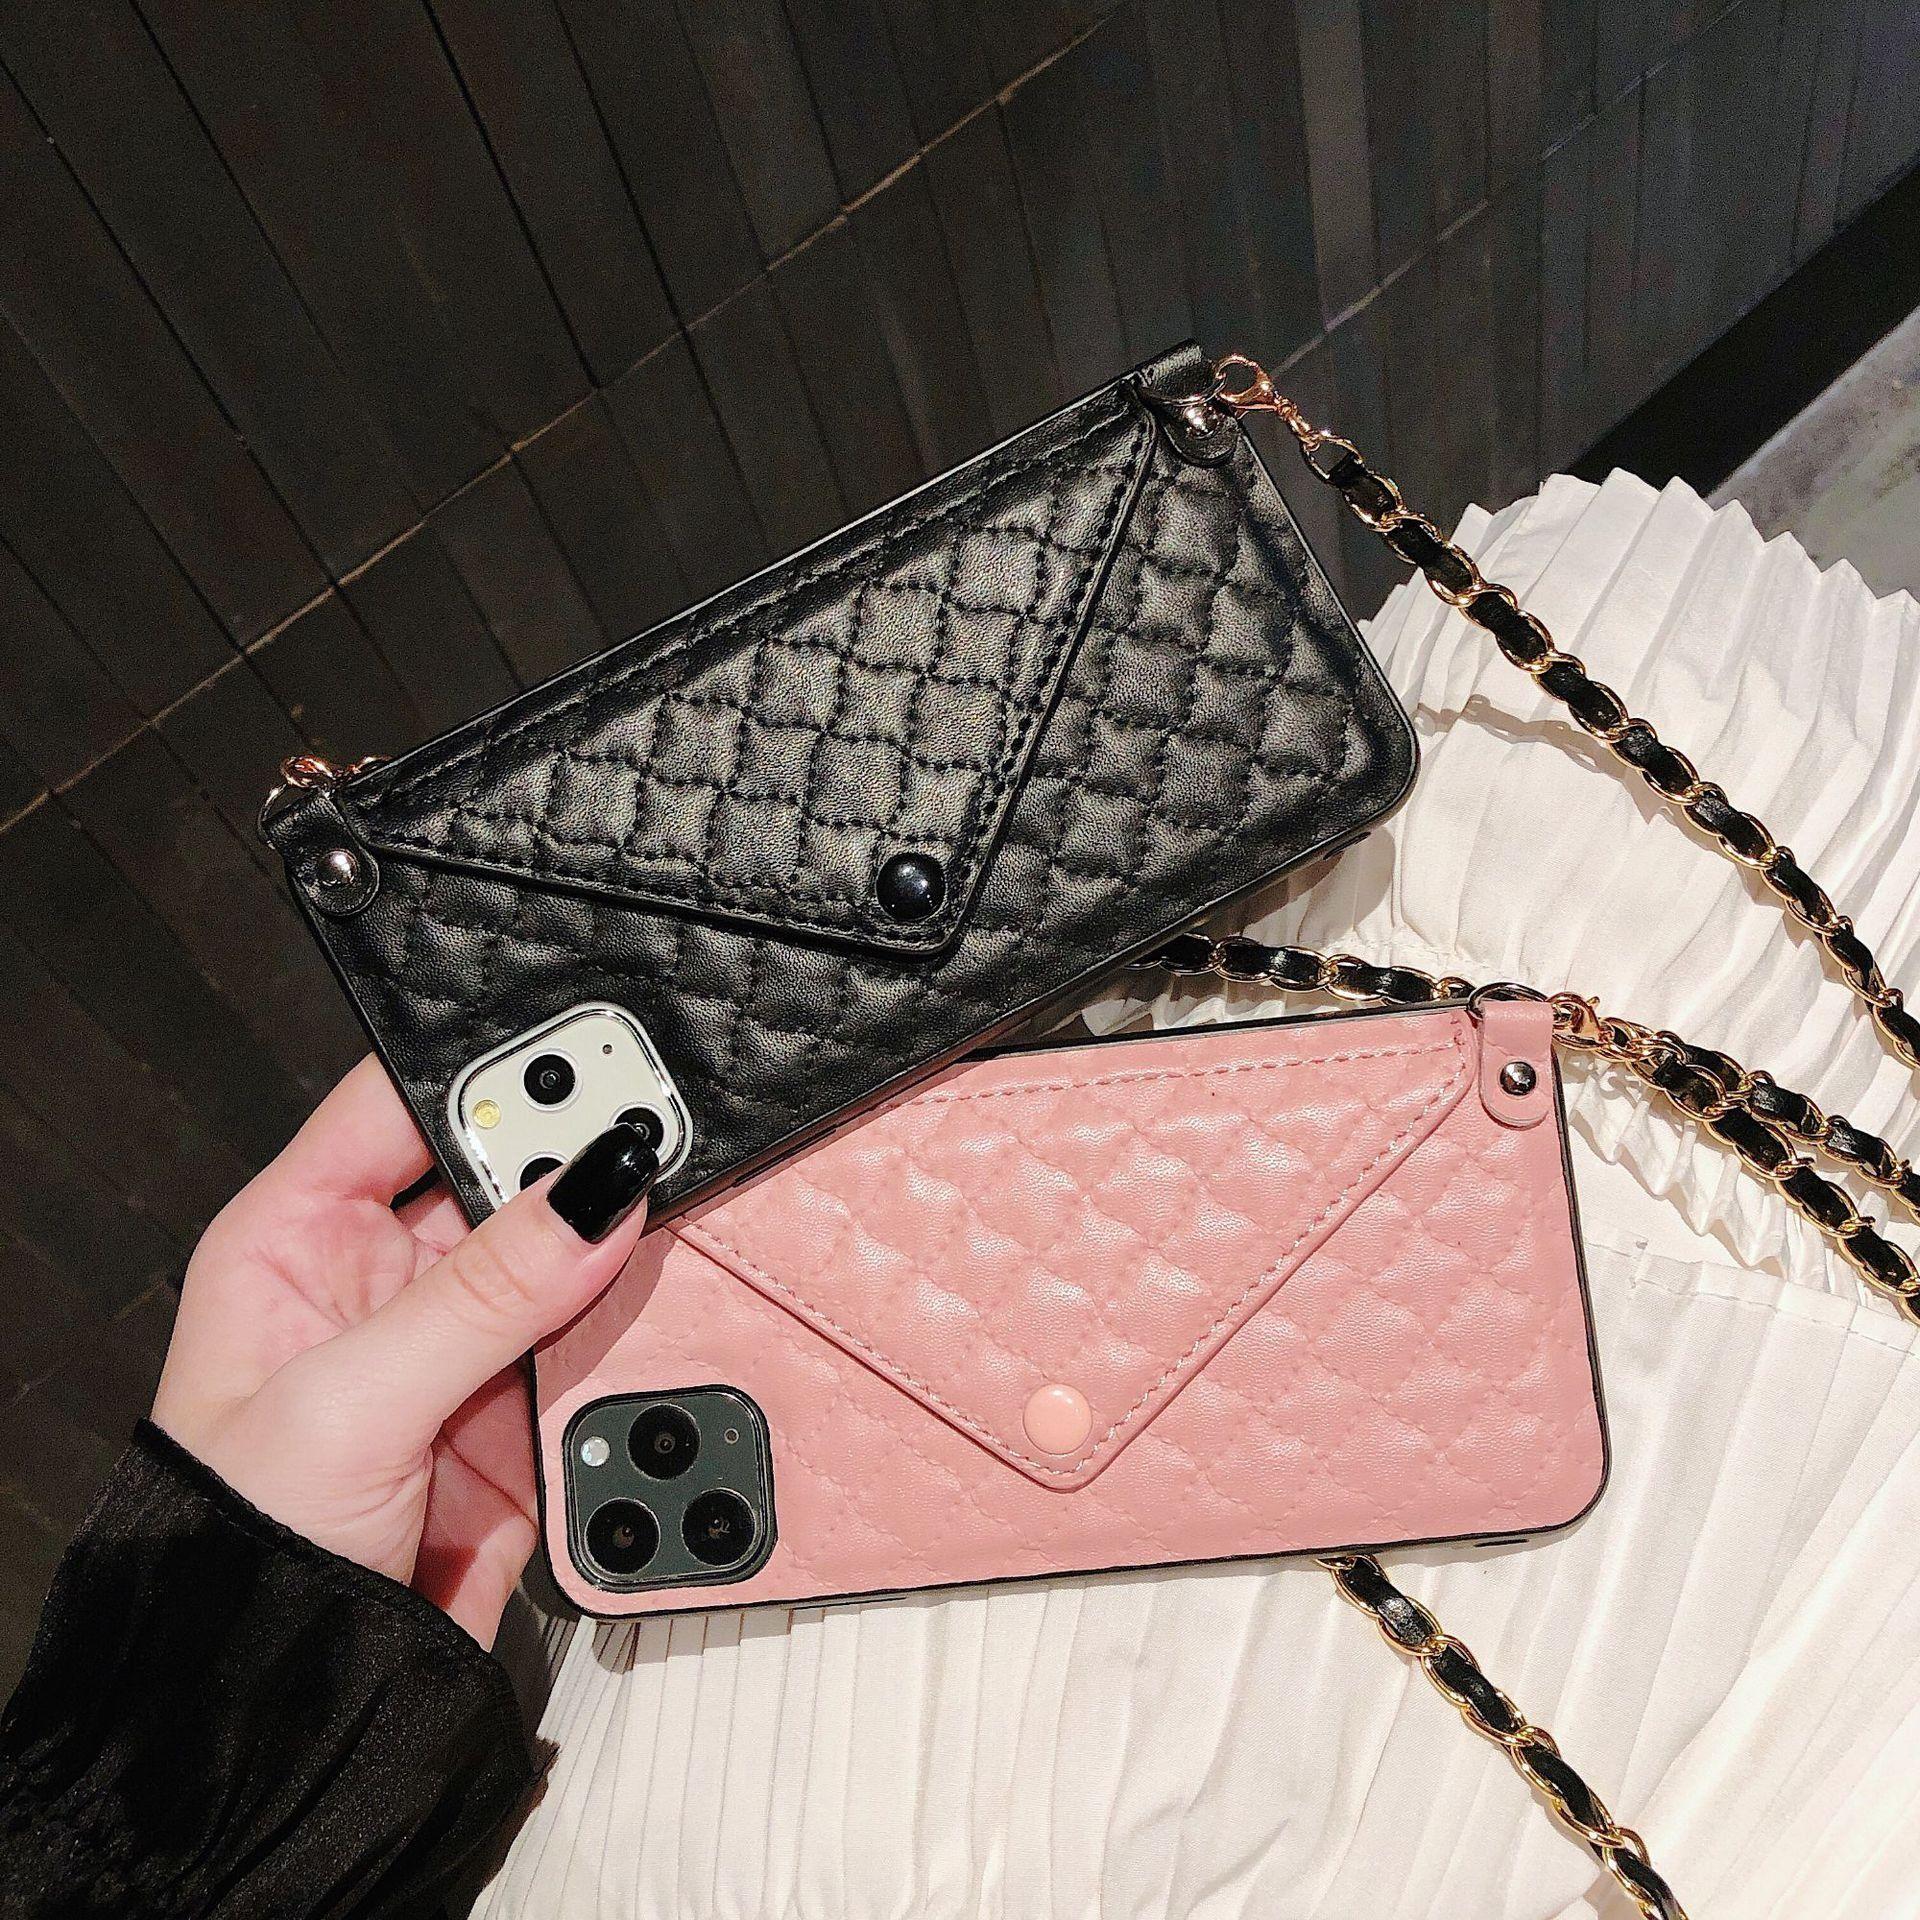 Luxus-Mode-Karten-Slot-Halter-Geldbörse-Langketten-Handtasche Lambsleder-Etui-Deckung für iPhone 12 Mini 11 PRO MAX XS MAX XR x 8 7 6 6S PLUS